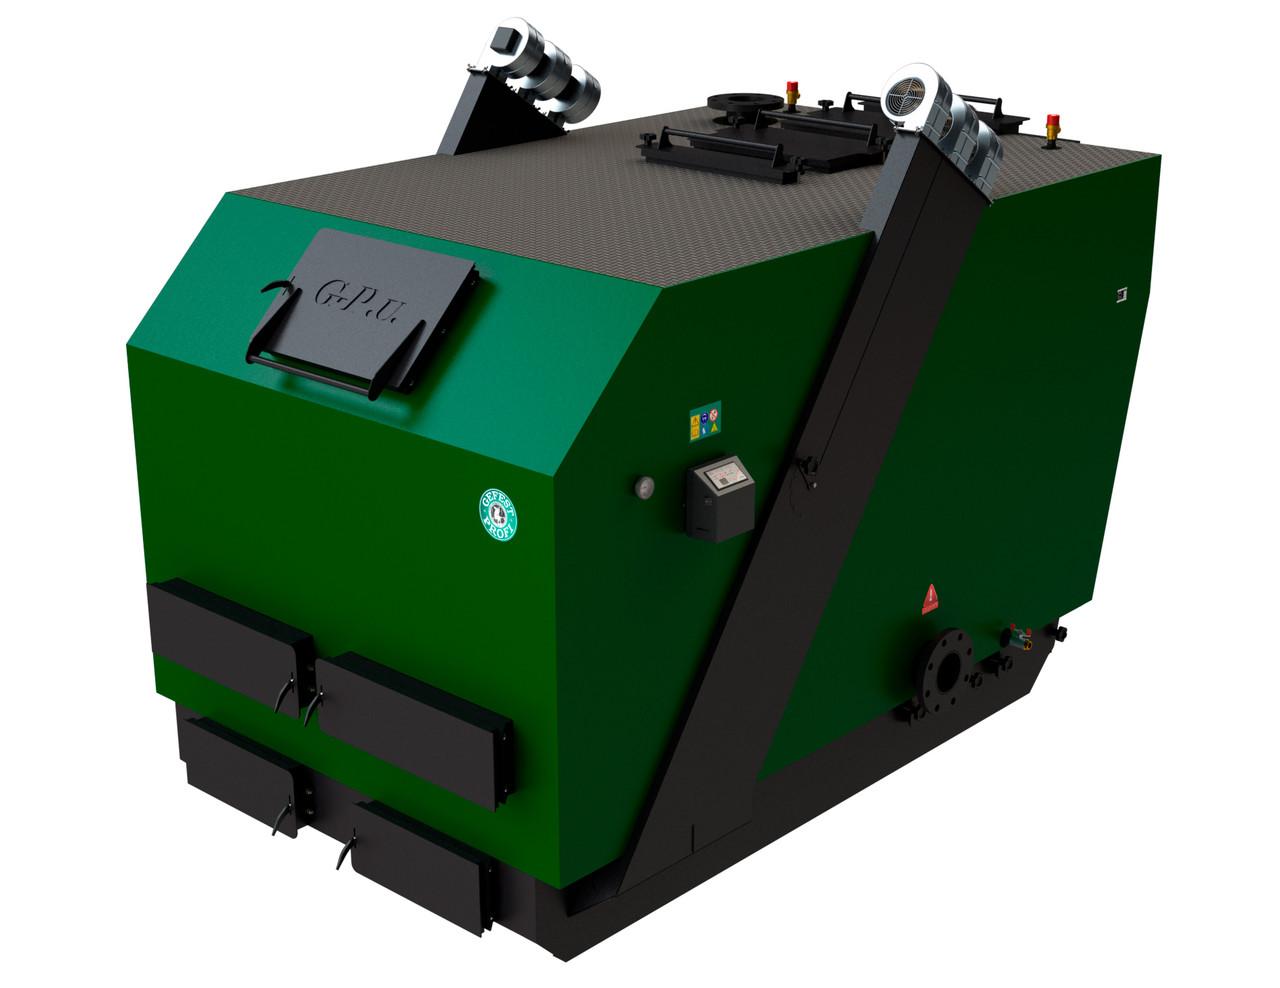 Промышленные котлы отопления на твердом топливе длительного горестния Gefest profi U (Гефест-Профи У) 600 кВт